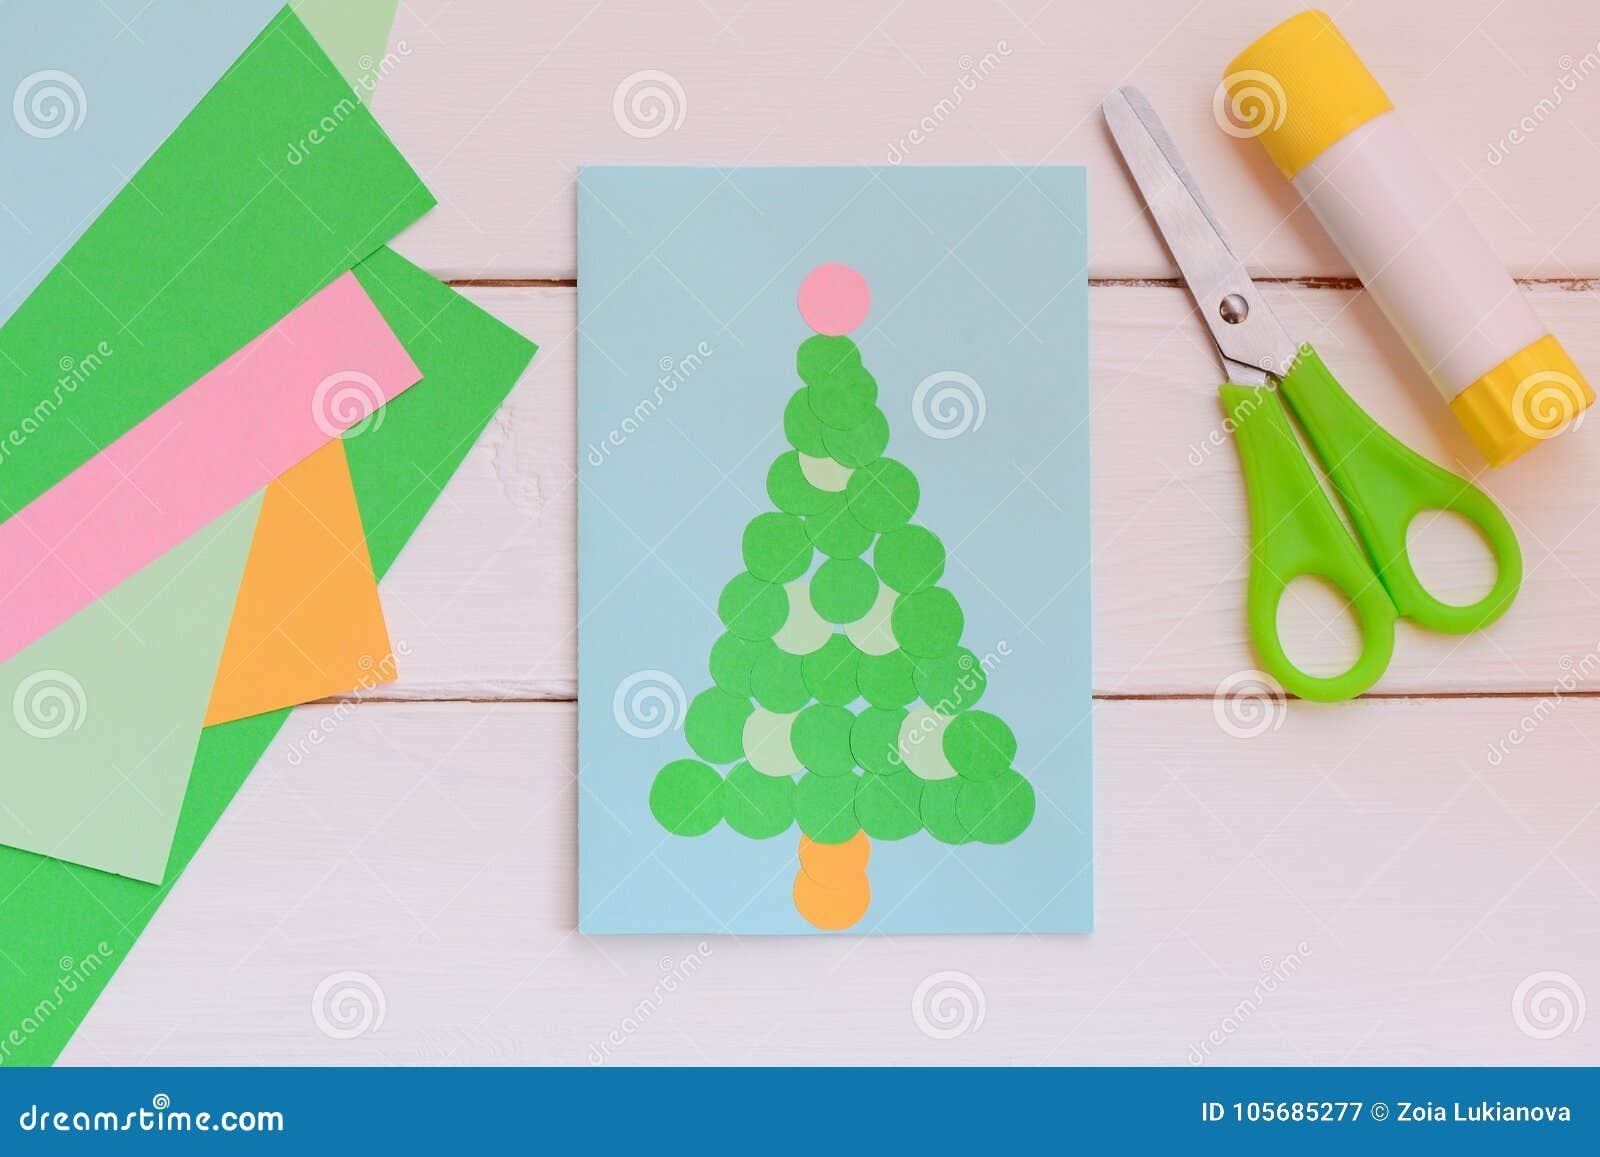 Come Fare Auguri Di Natale.La Cartolina D Auguri Di Carta Con L Albero Di Natale Carta